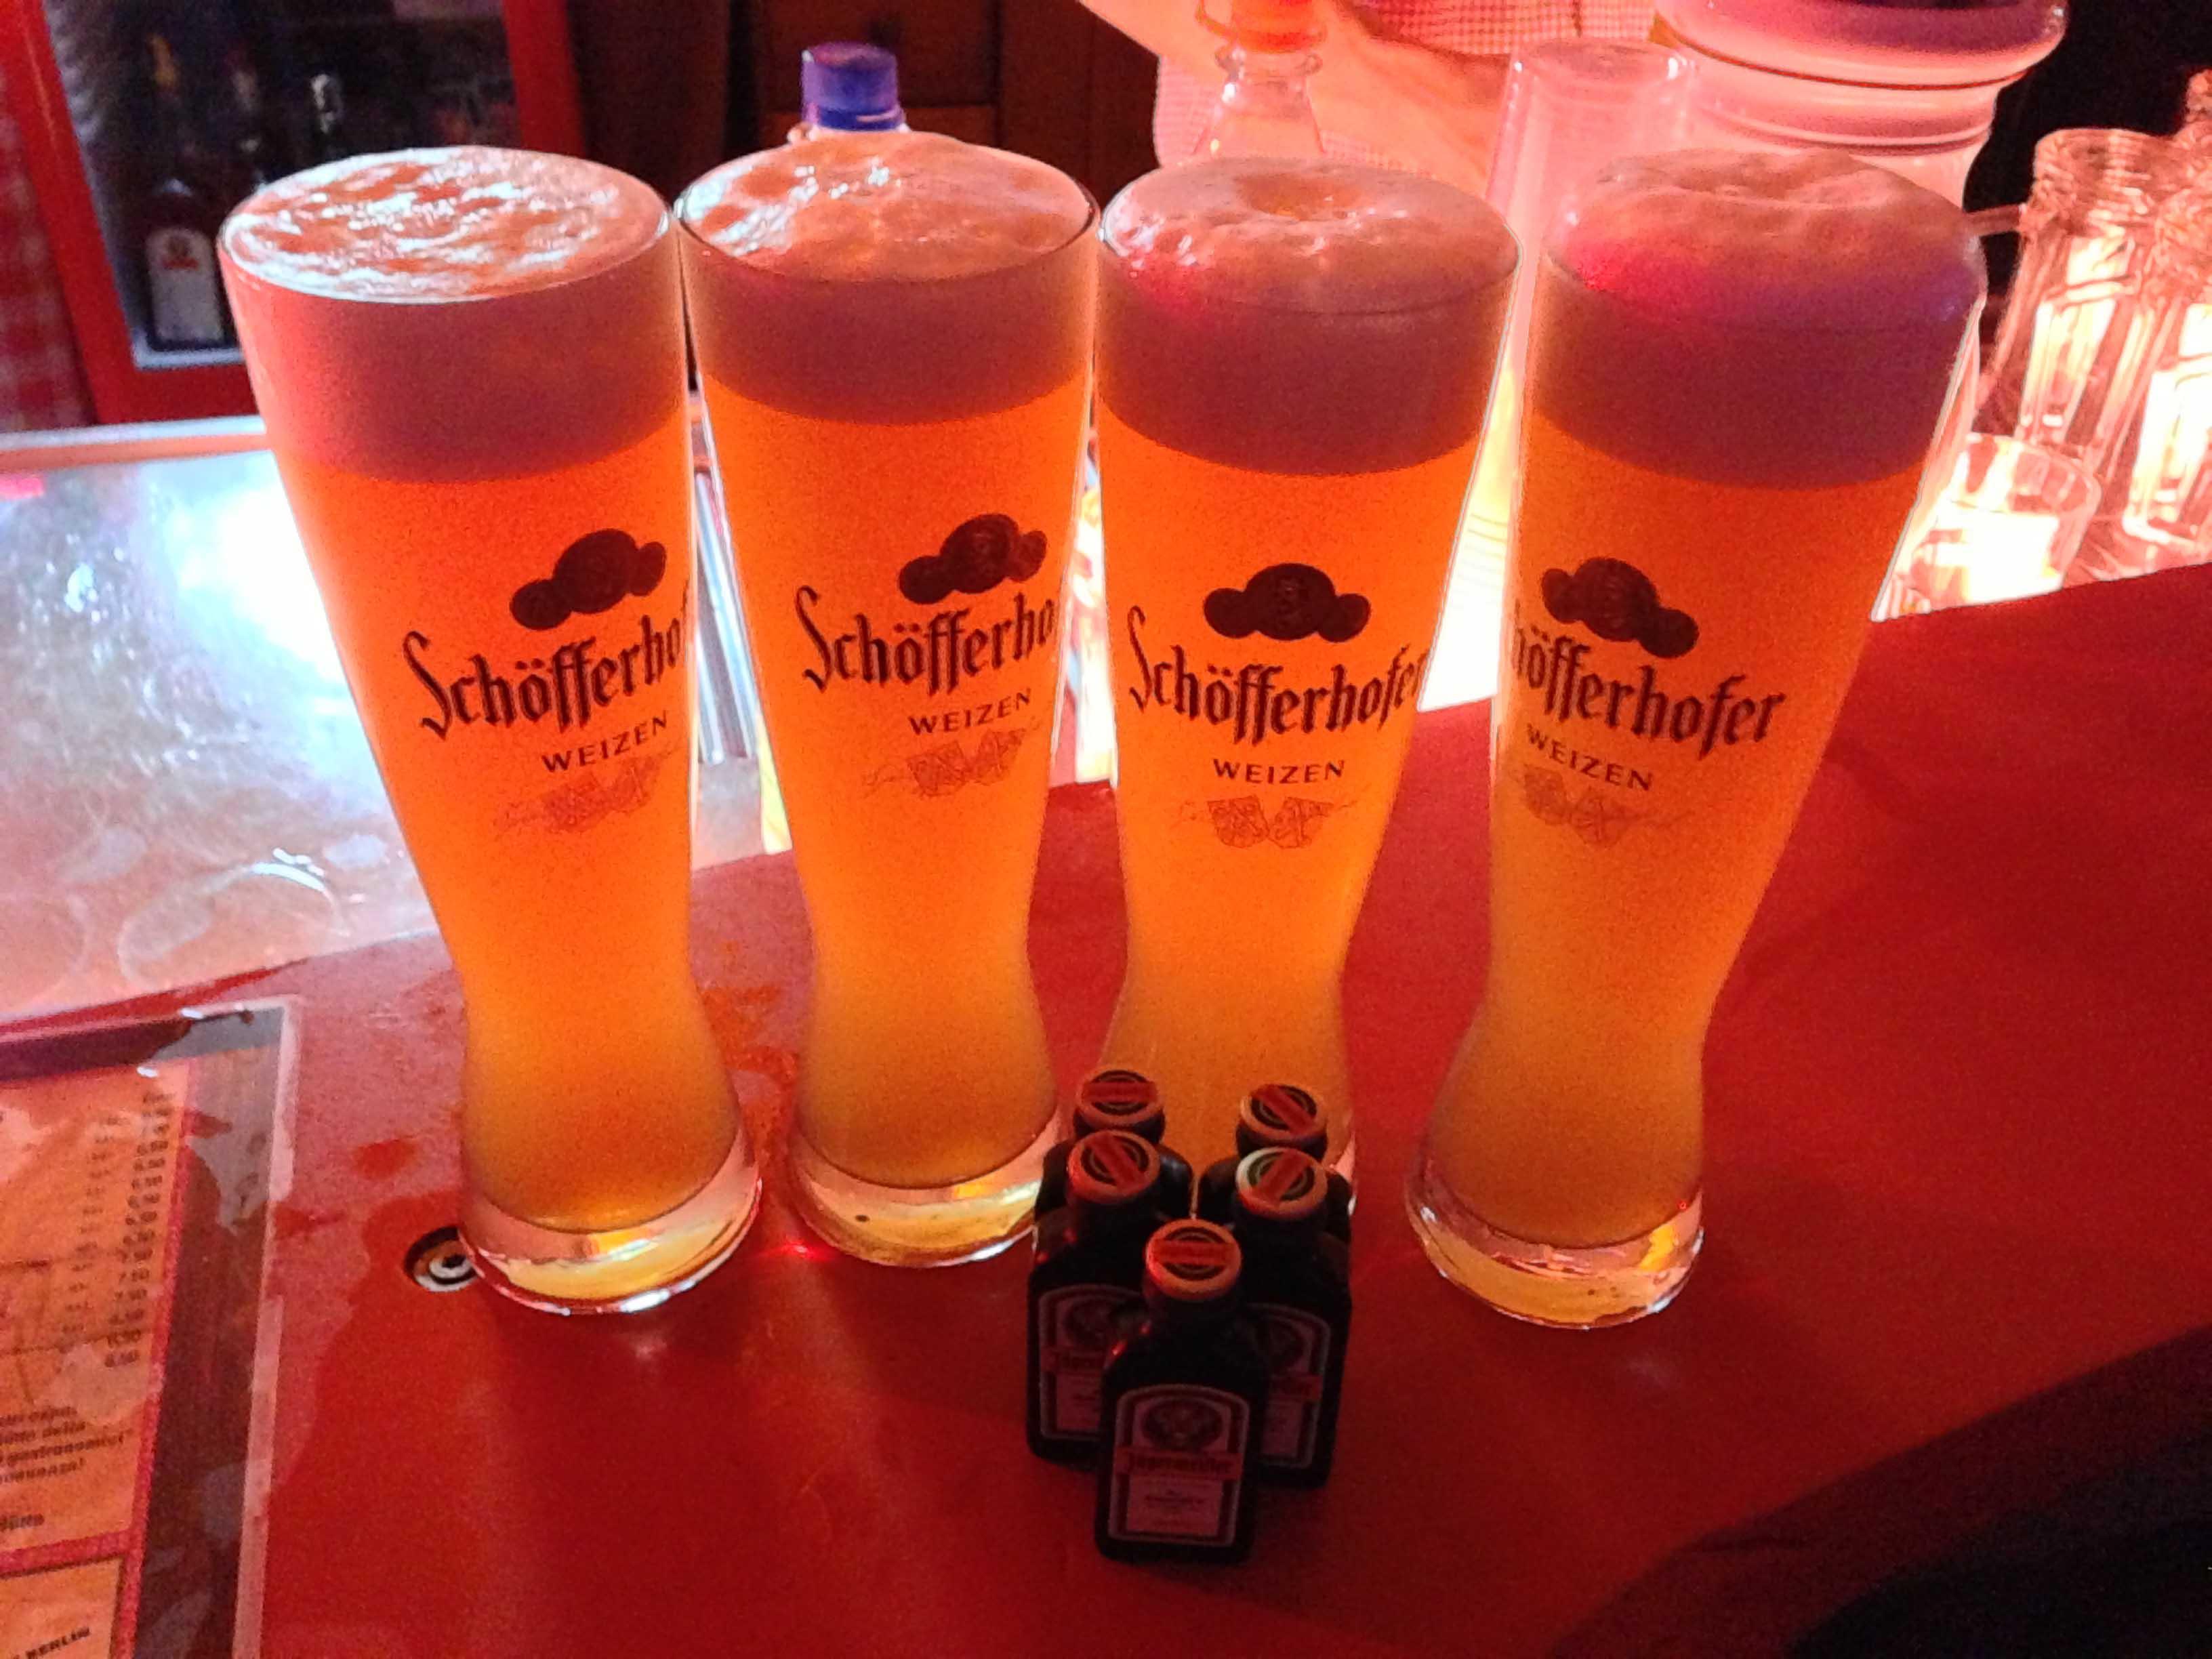 Beer and Jägermeister at Schmankerl-Hüttn at Winterwelt am Potsdamer Platz in Berlin